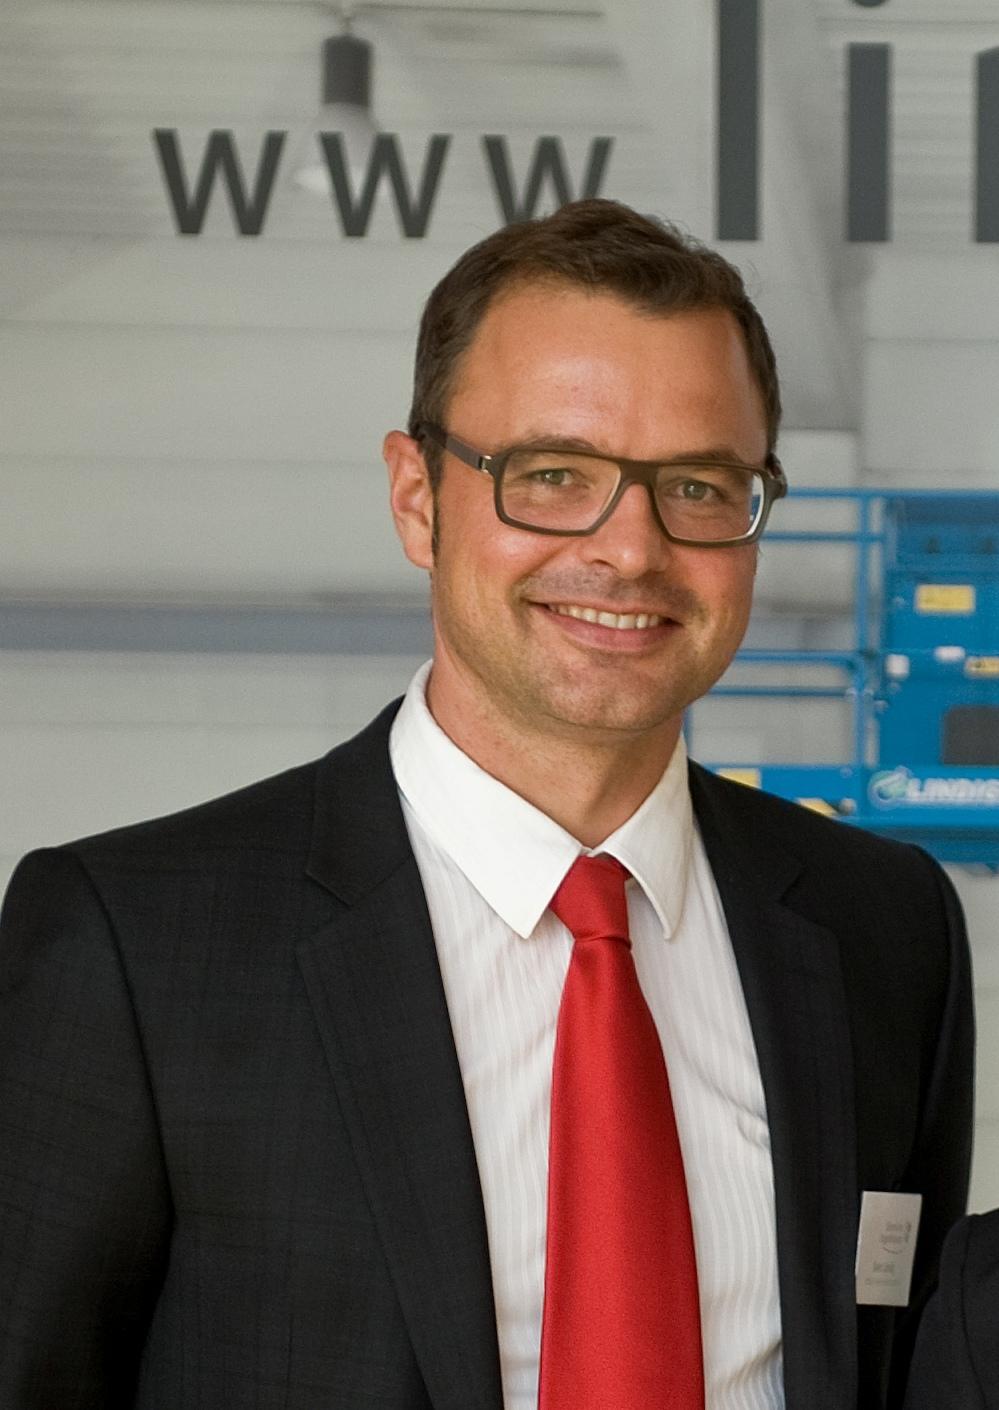 Sven Lindig, Geschäftsführer, Fördertechnik Lindig GmbH, Krauthausen/Eisenach